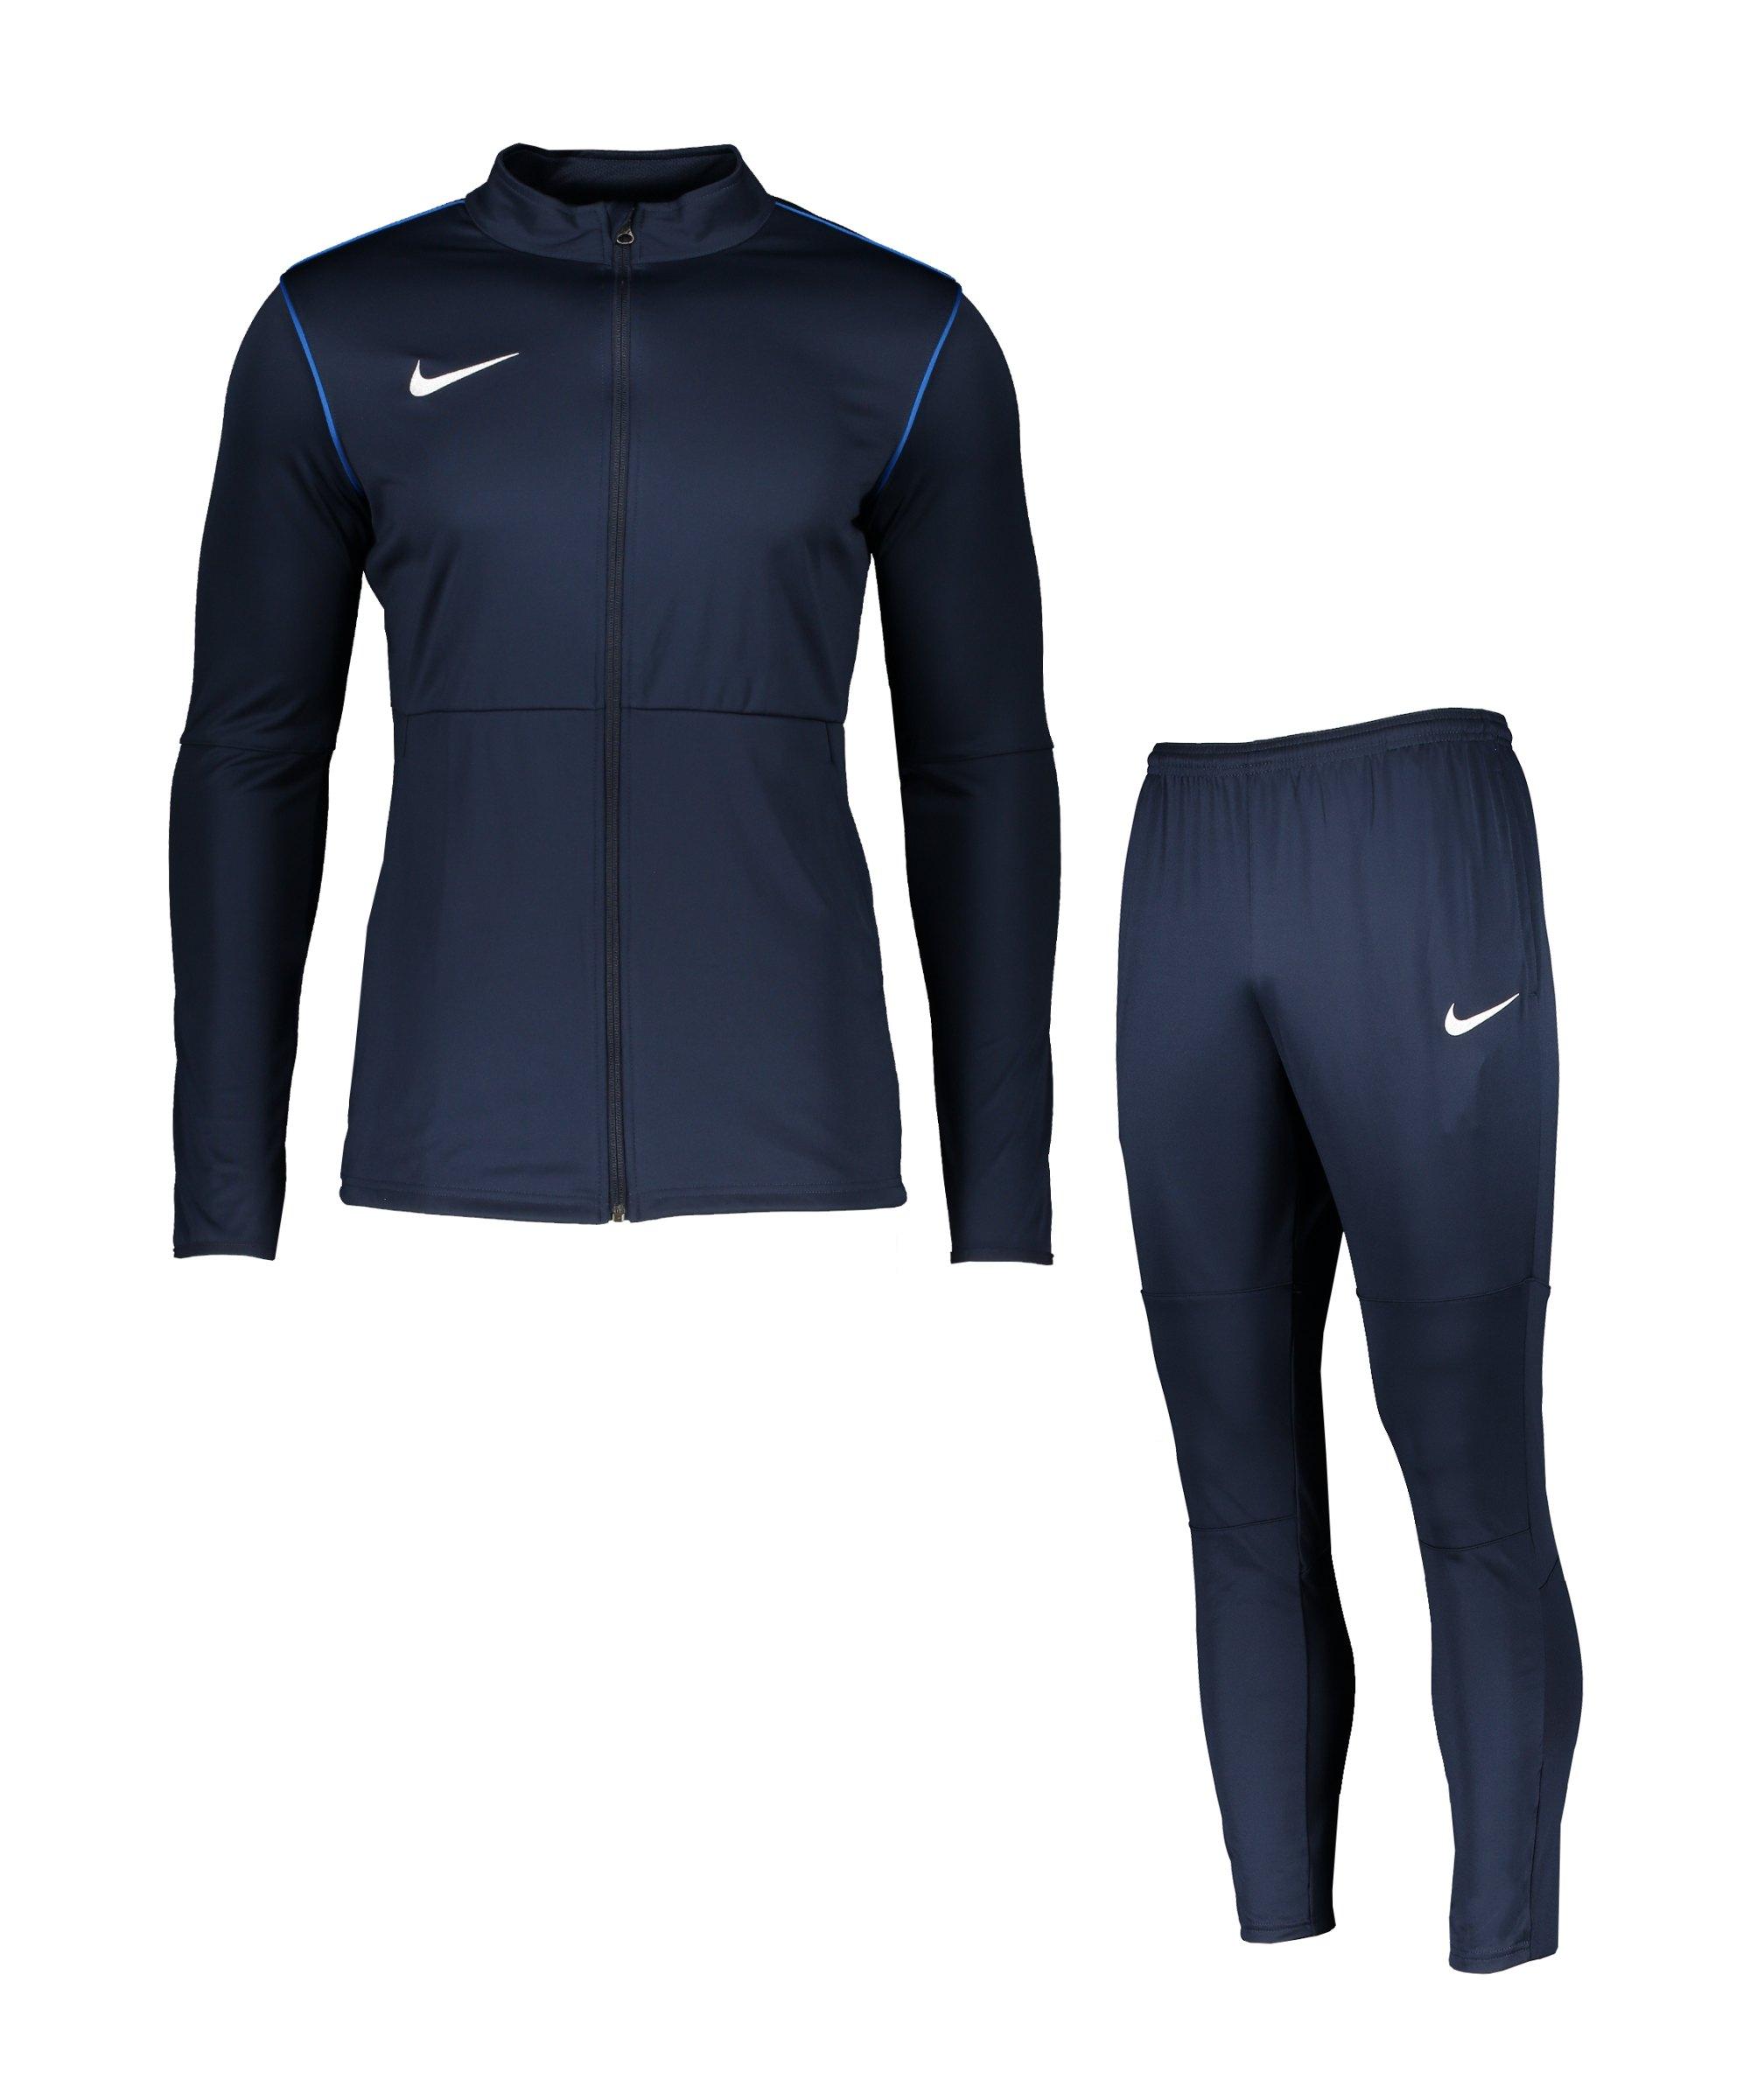 Nike Park 20 Trainingsanzug Blau Weiss F410 - blau